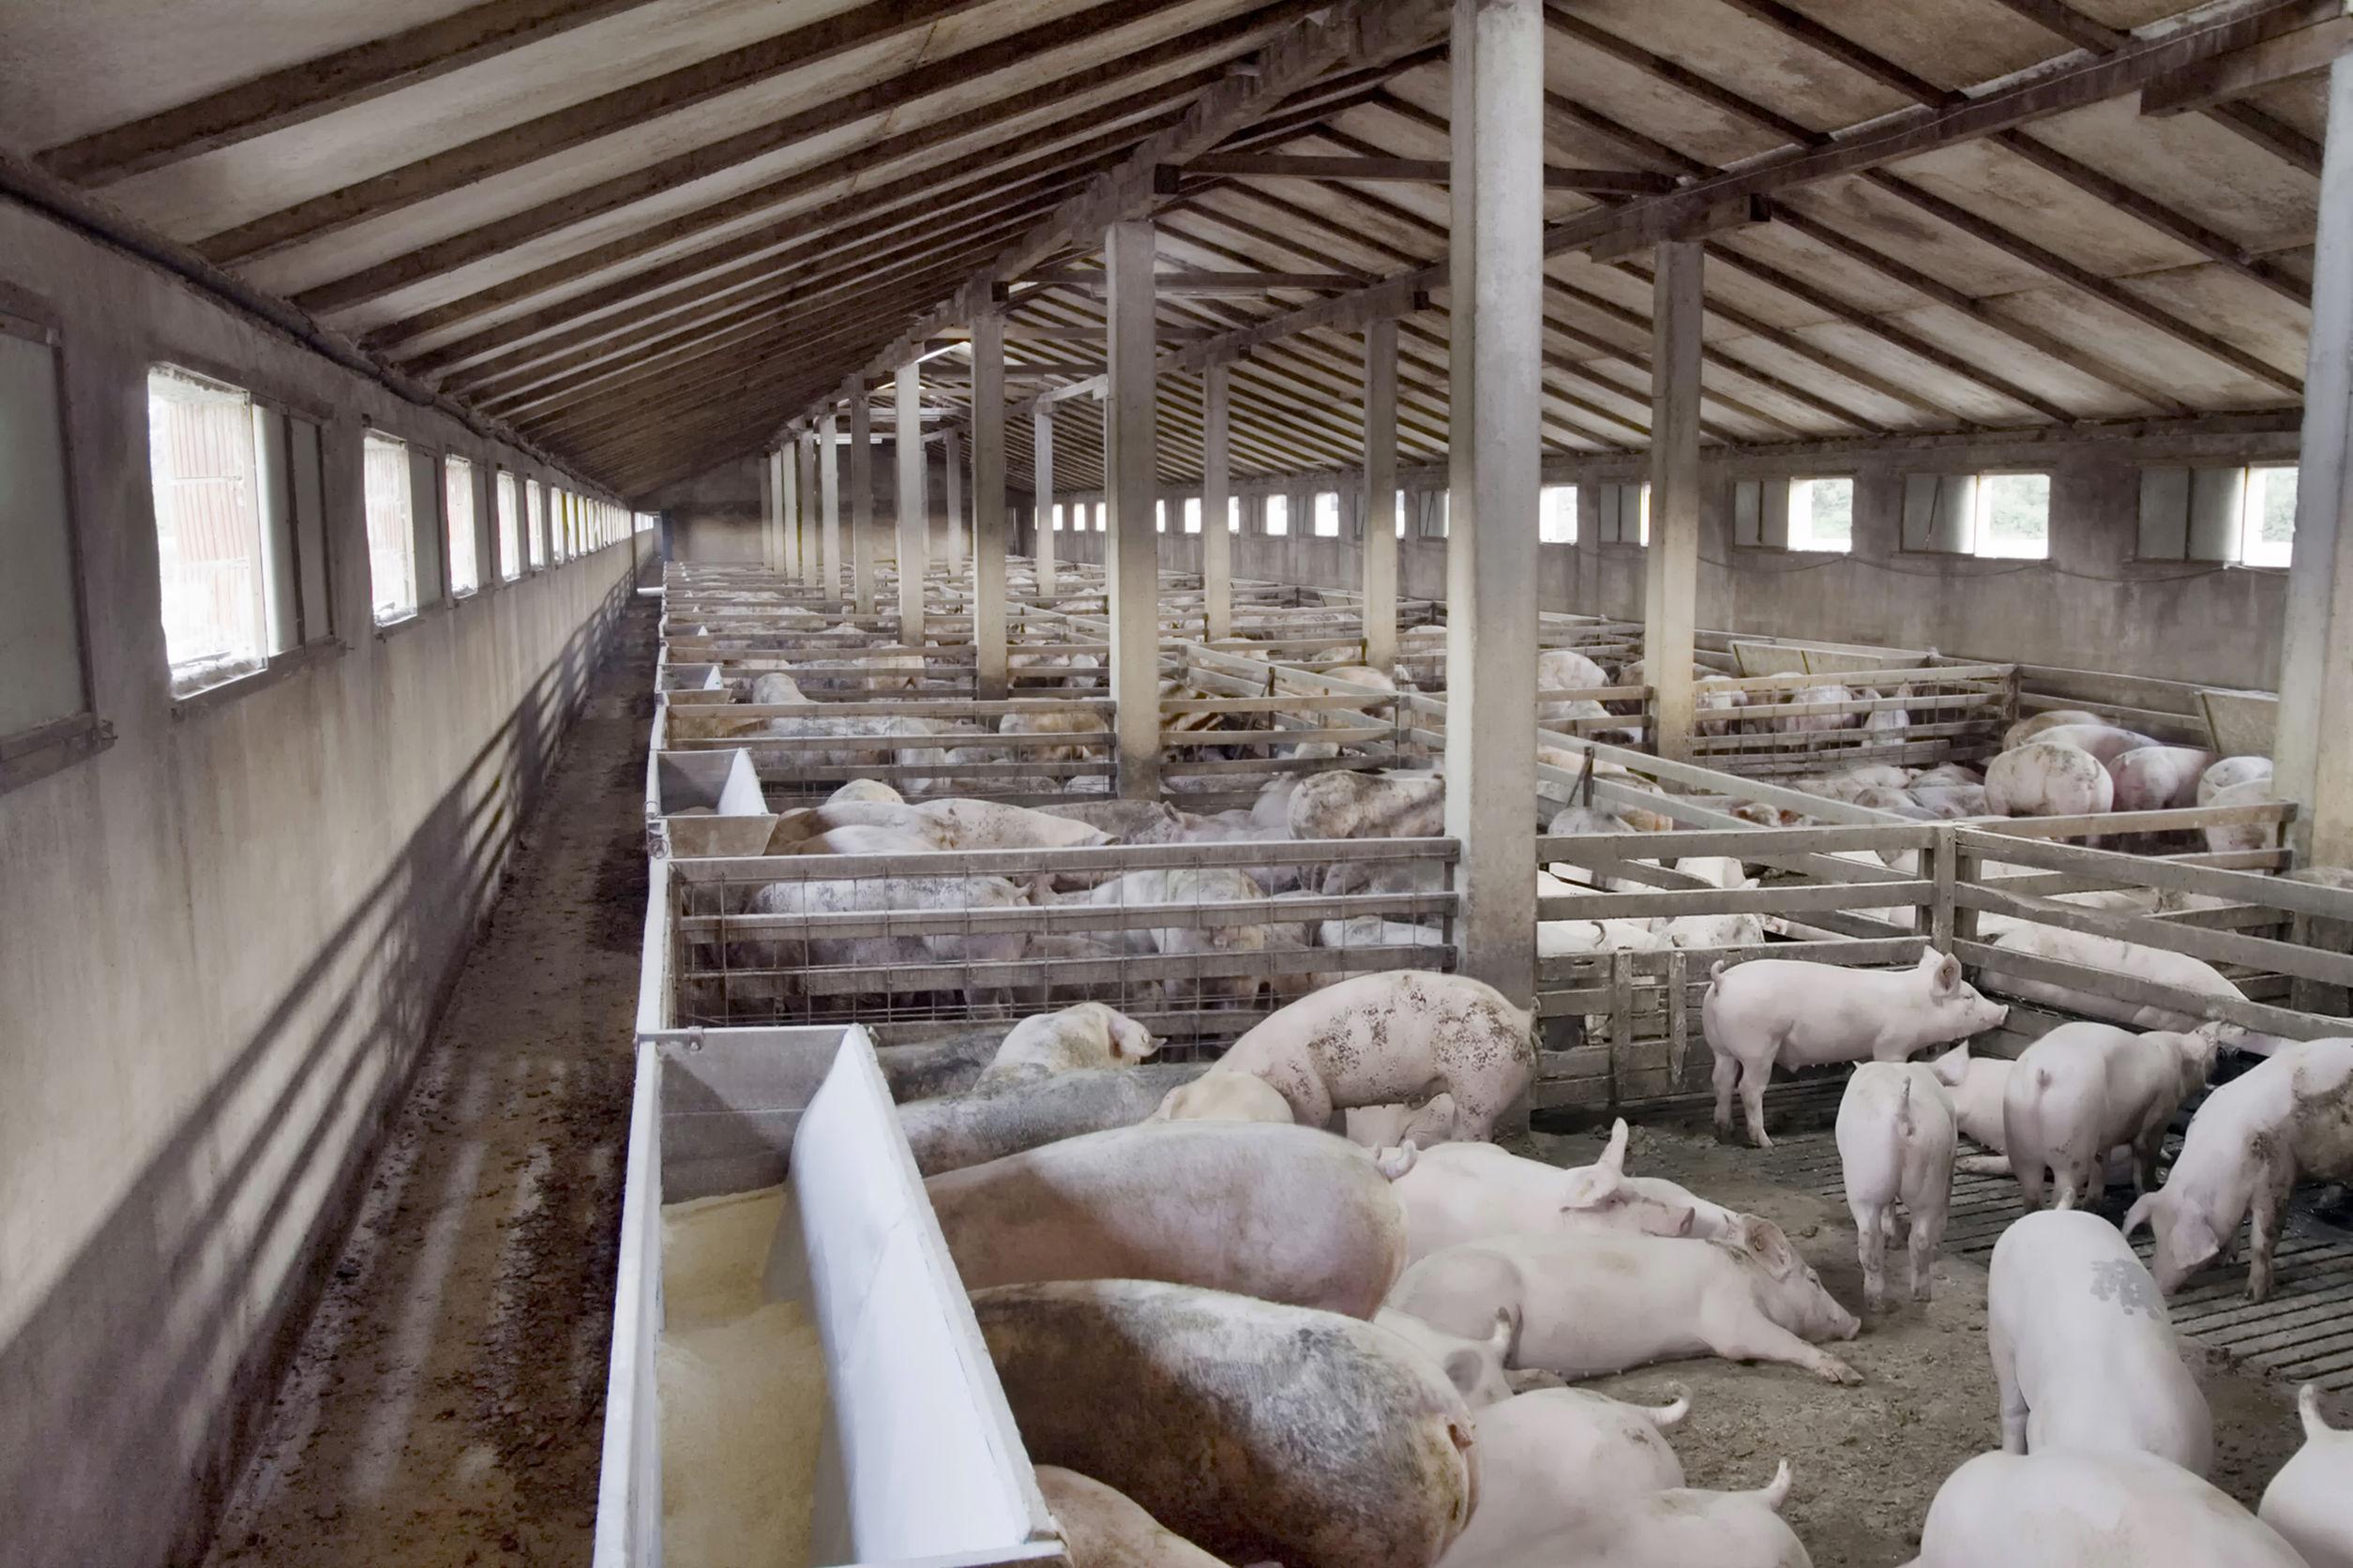 ANSVSA: Numărul porcilor bolnavi de pestă şi sacrificaţi a ajuns la 159.645 şi sunt 11 judeţe afectate